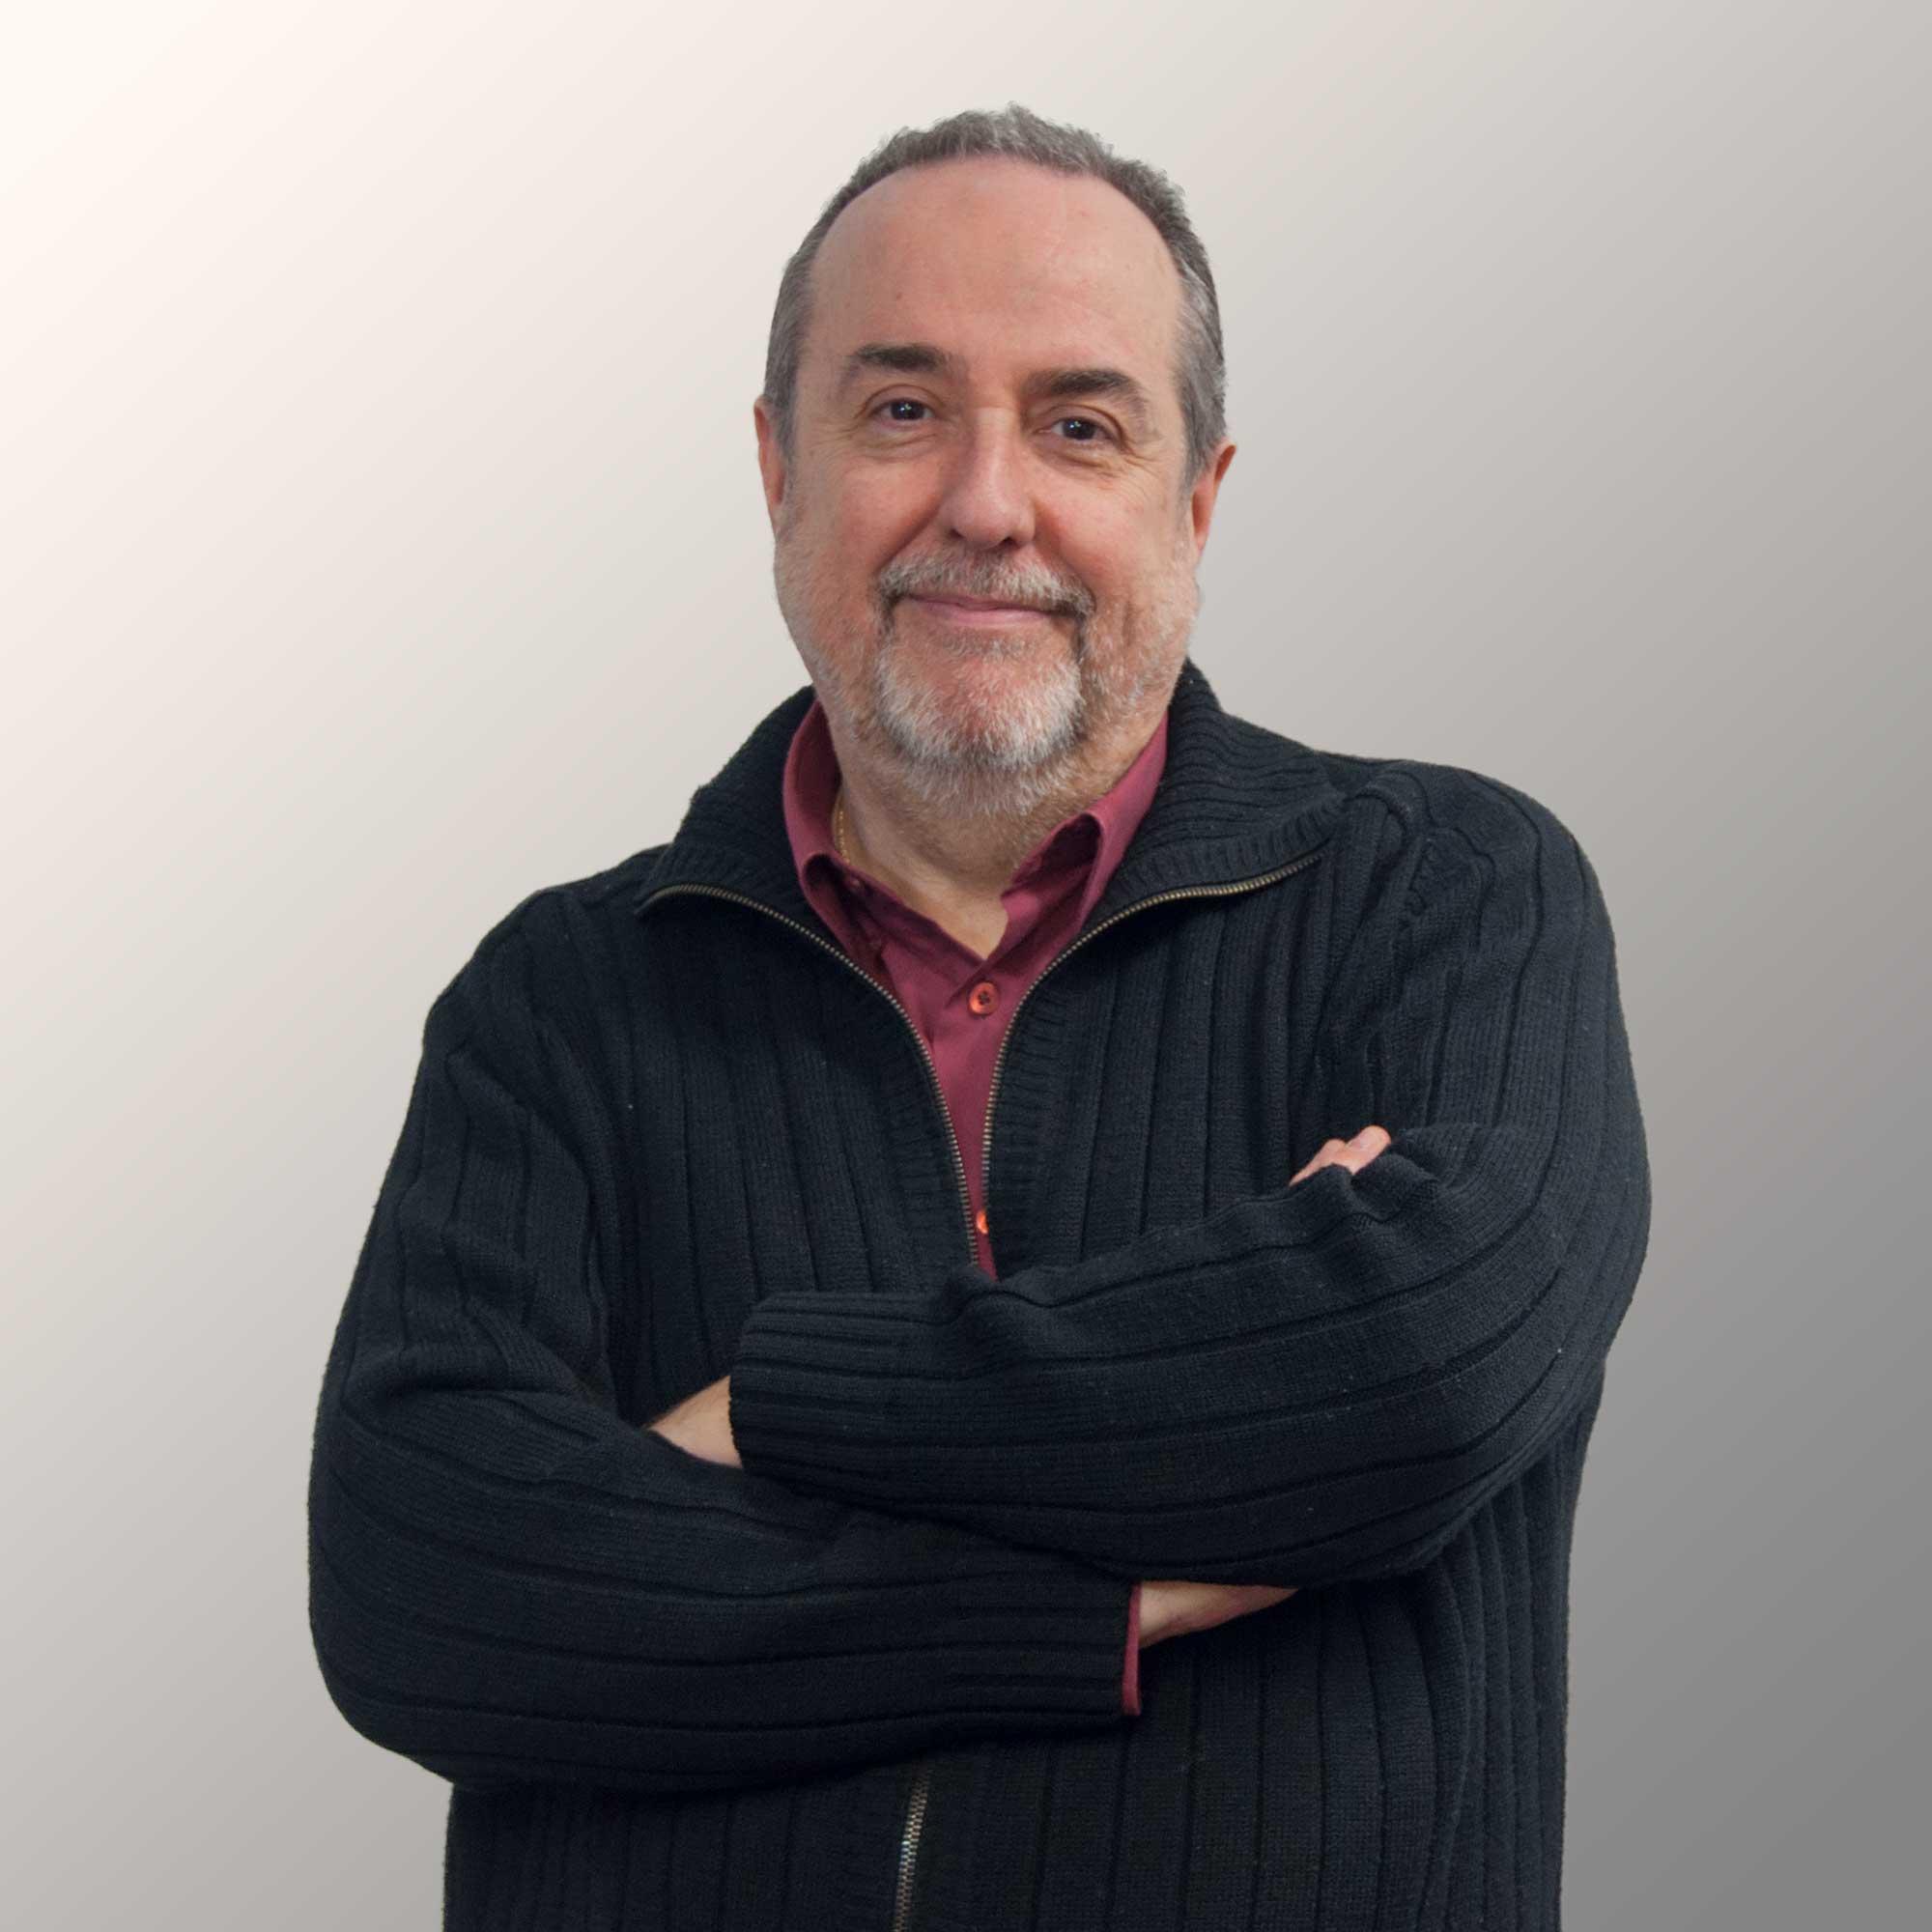 Juan José Alvarez Lovaco